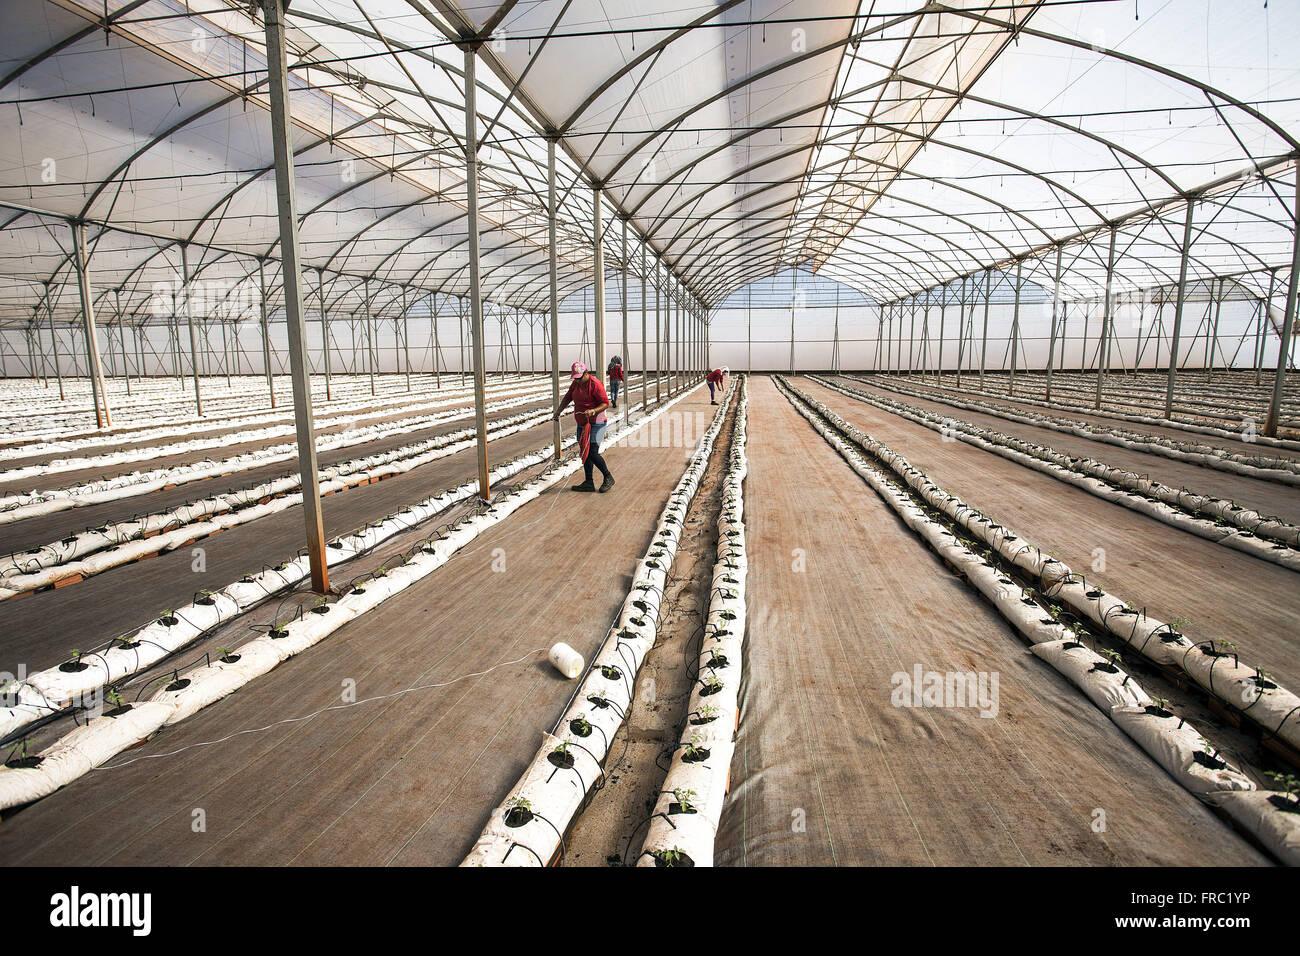 Plantación orgánica de tomate en invernadero de alta tecnología en el campo Imagen De Stock